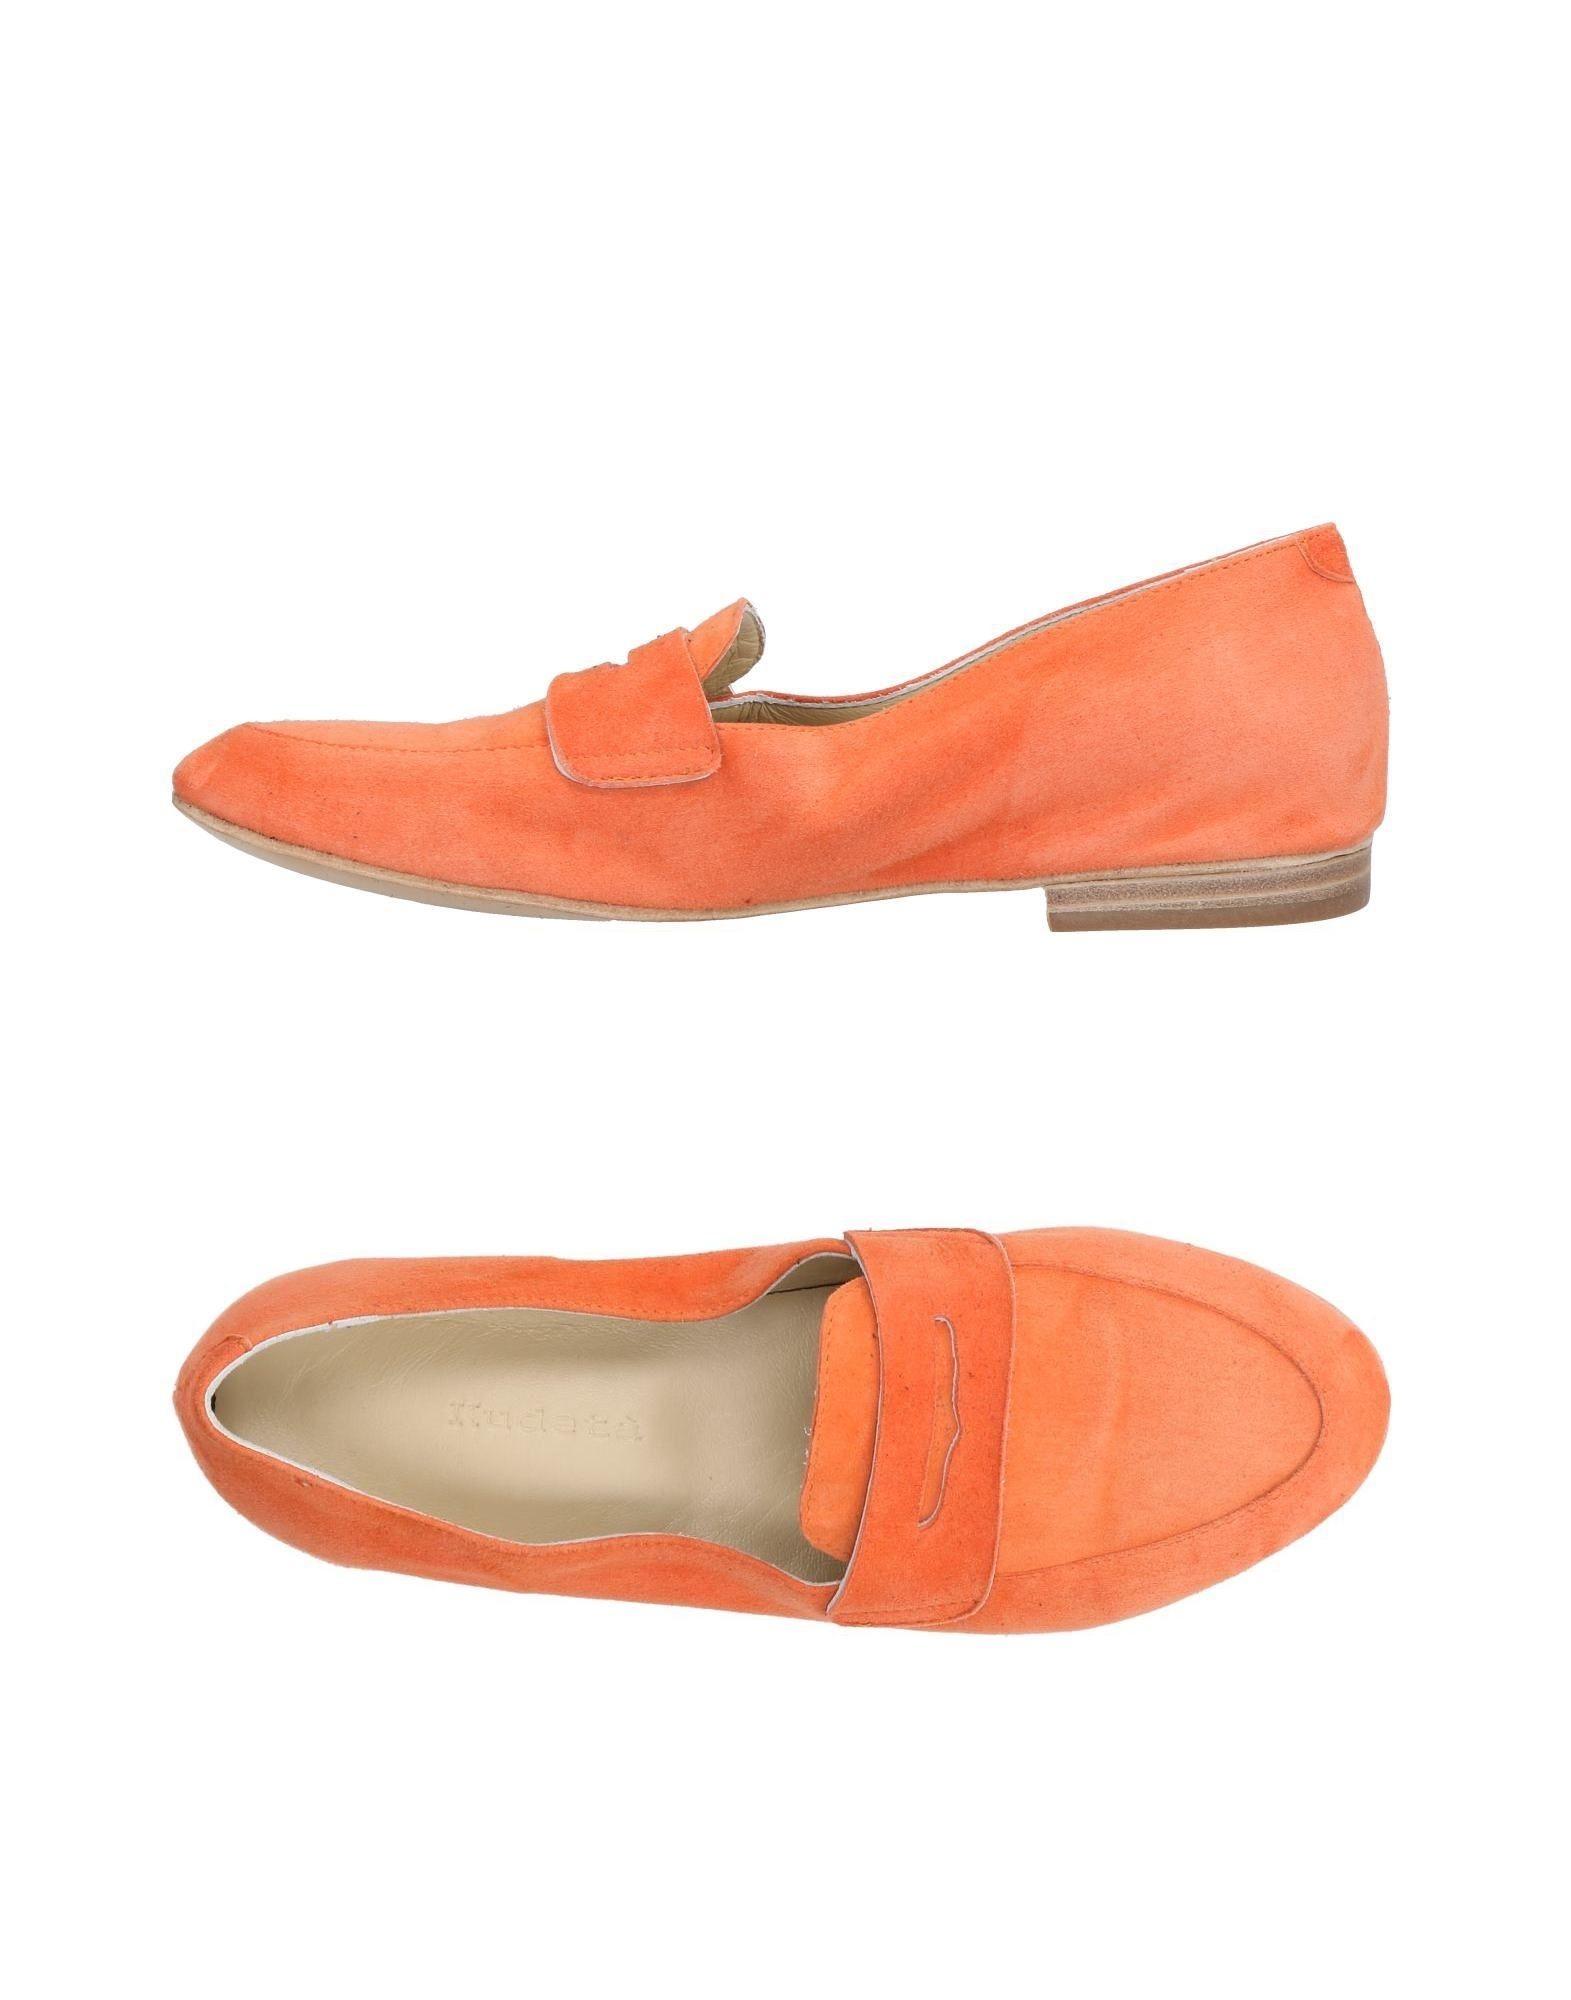 Kudetà Mokassins Damen  11433752XQ Gute Qualität beliebte Schuhe